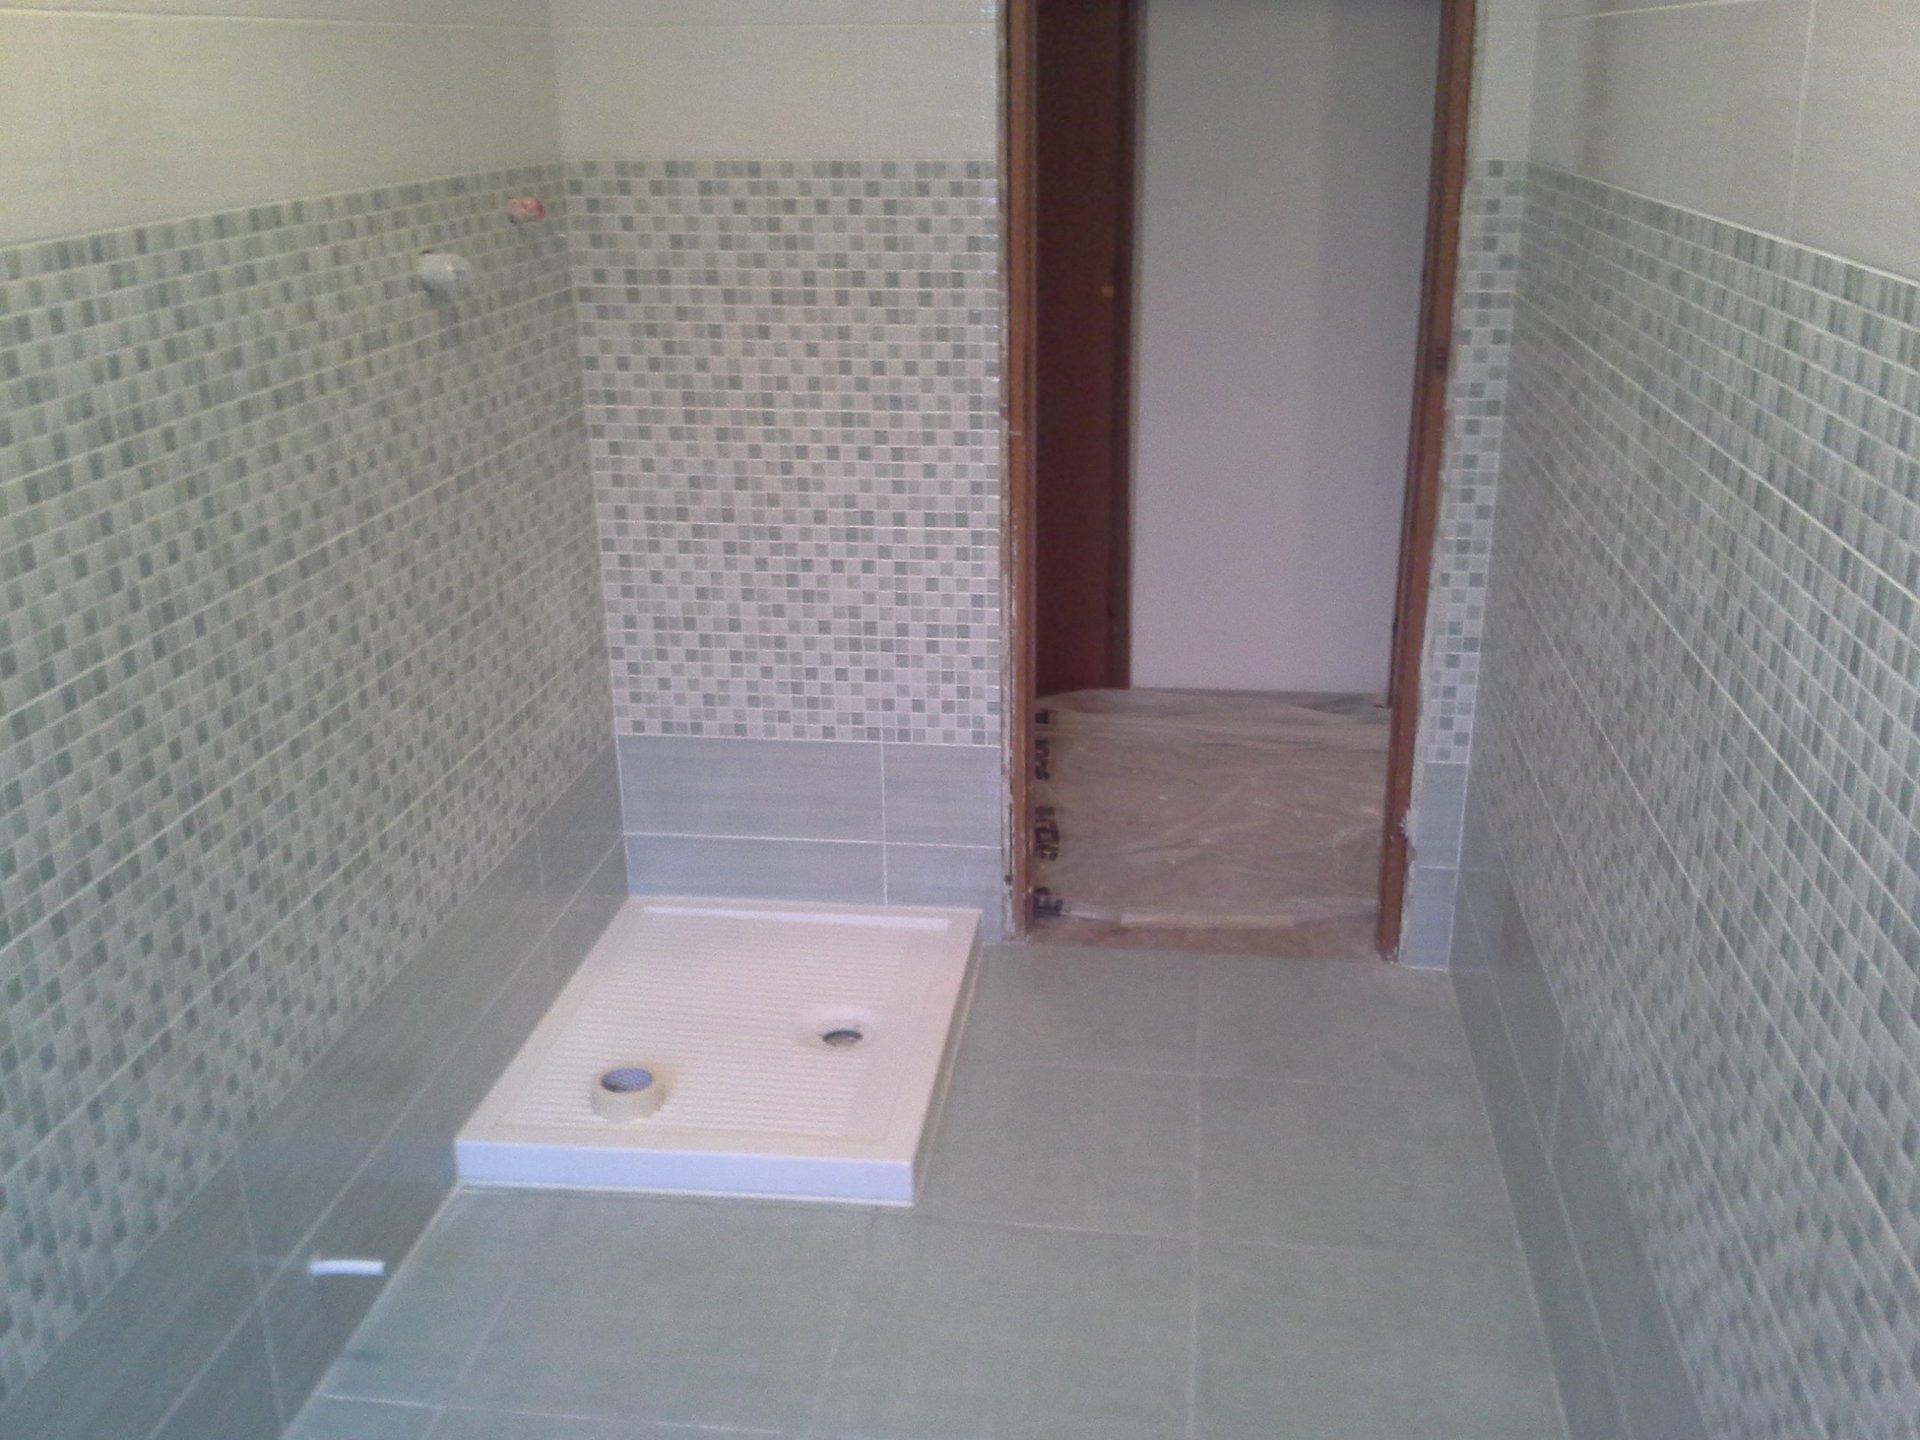 Risanamento locali i bologna i russotto costruzioni - Rifacimento bagno bologna ...